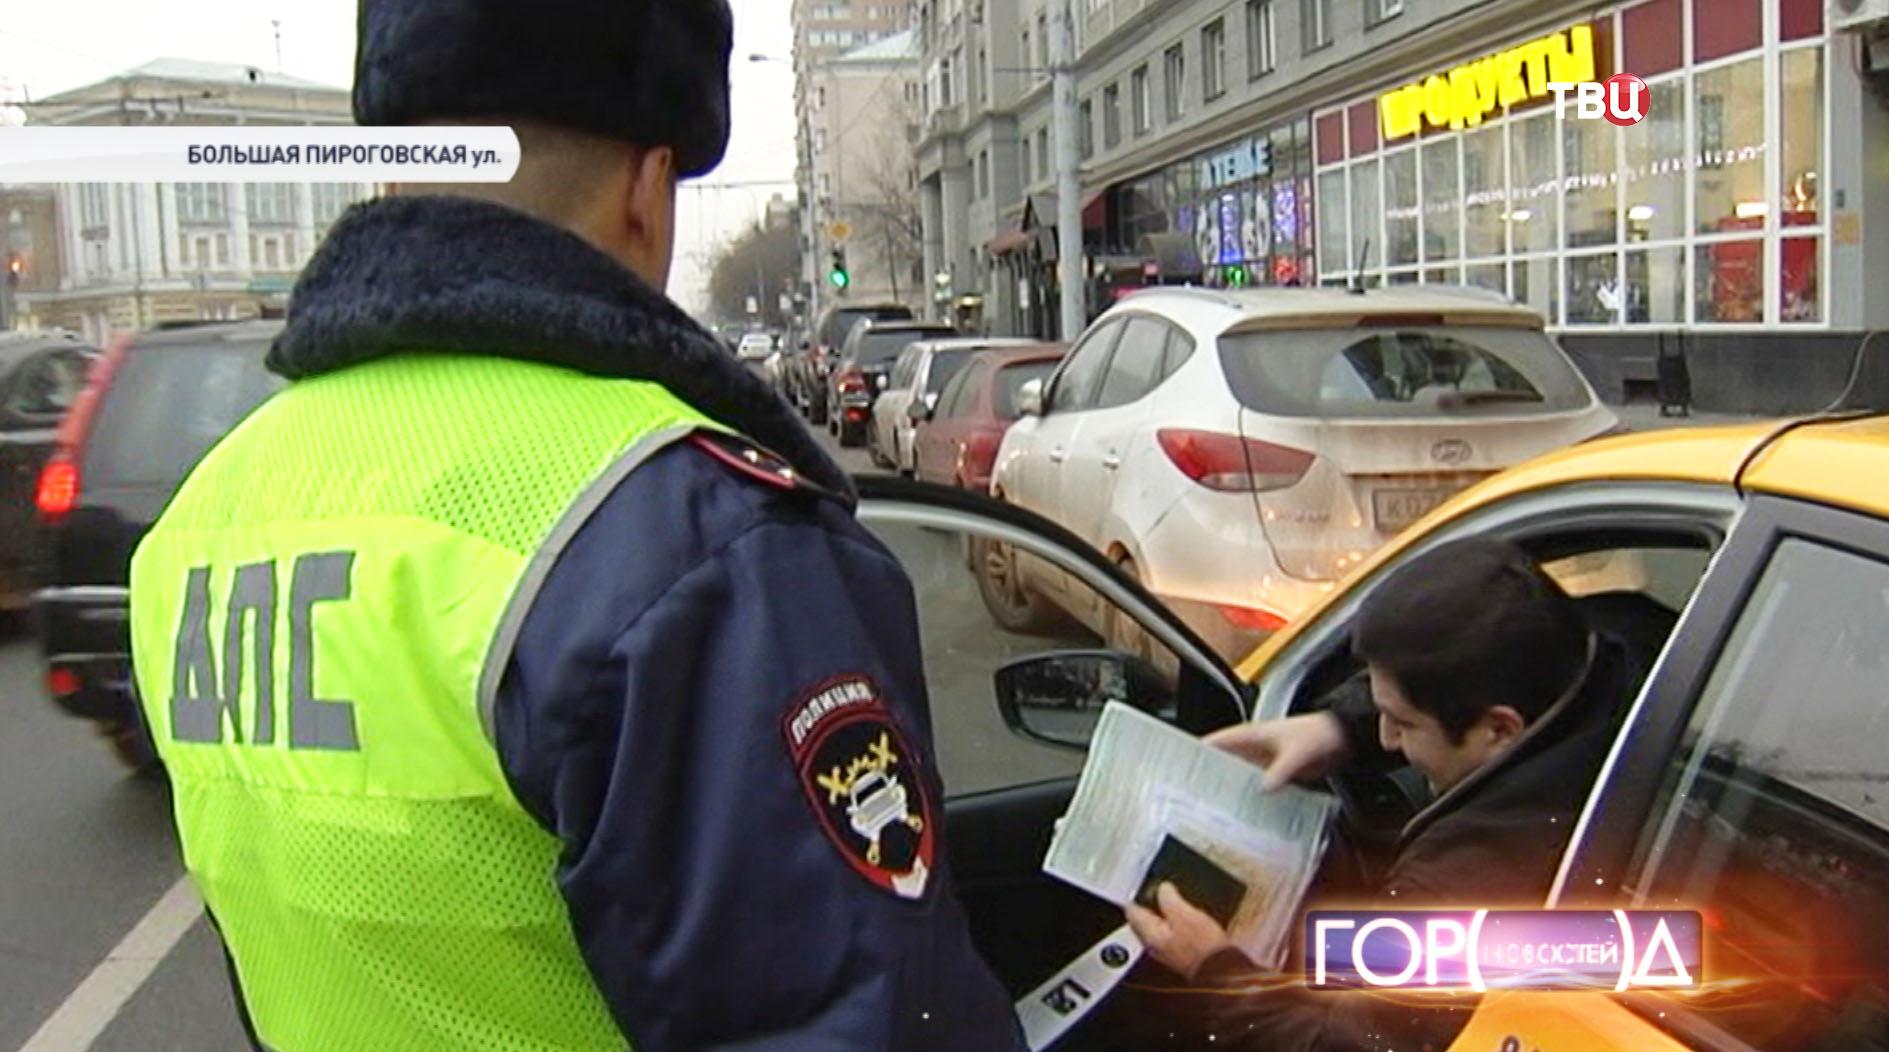 Проверка документов у автомобилиста